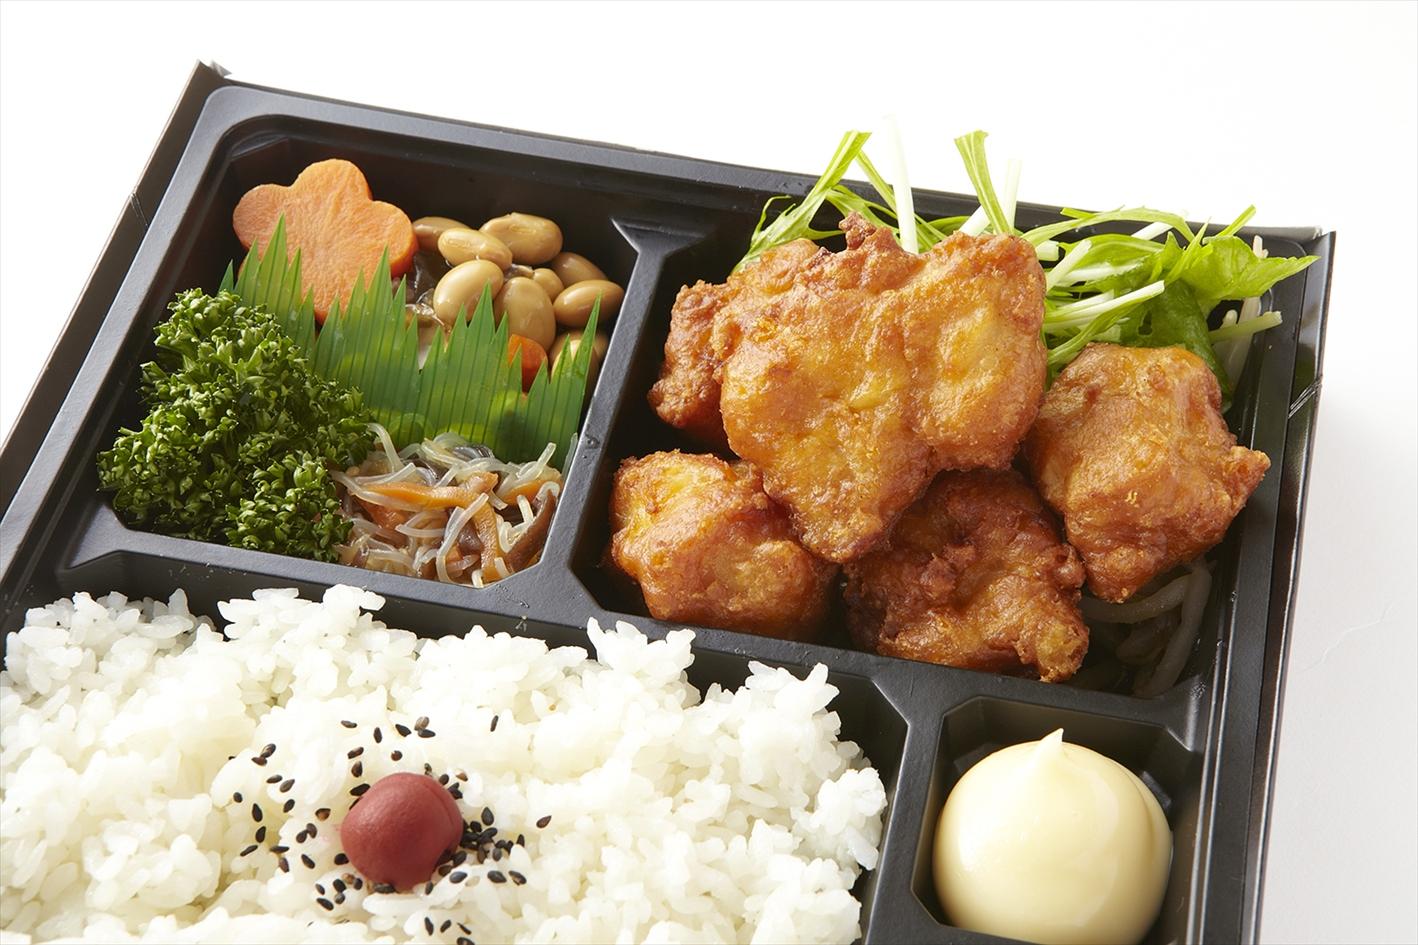 鶏唐揚げと3種の季節の惣菜幕の内弁当画像